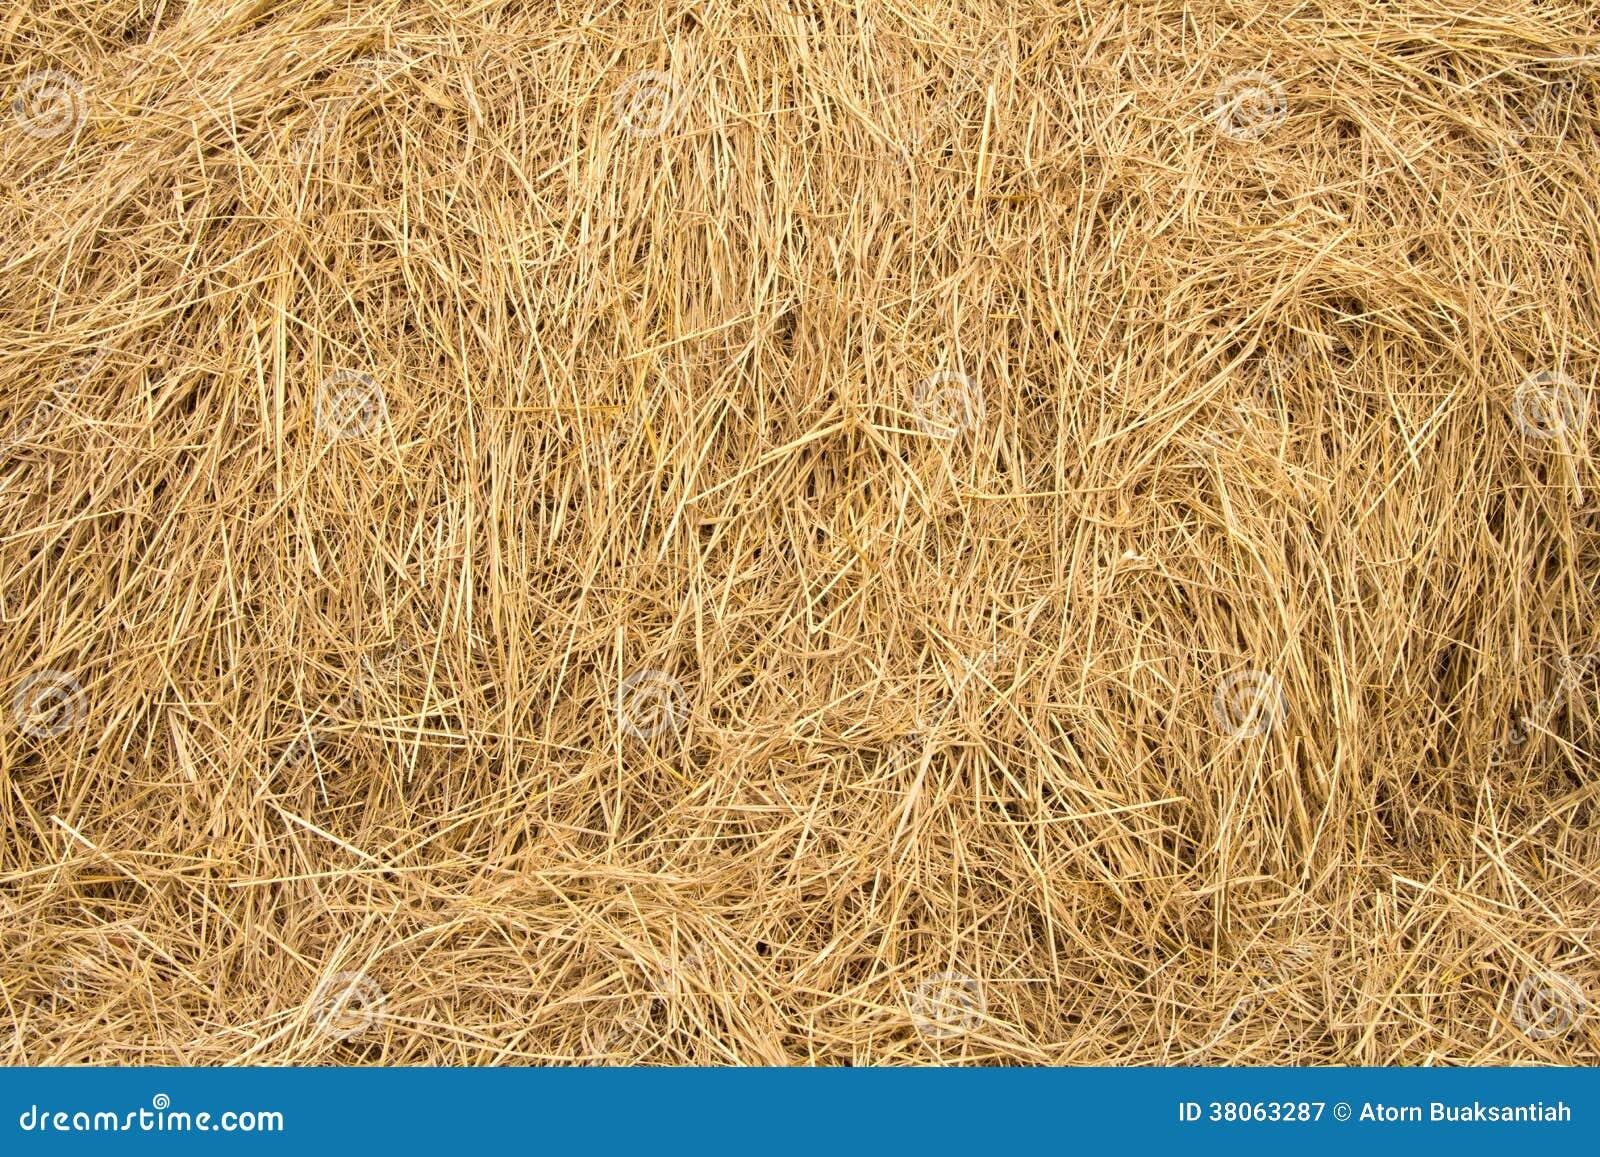 Straw texture background